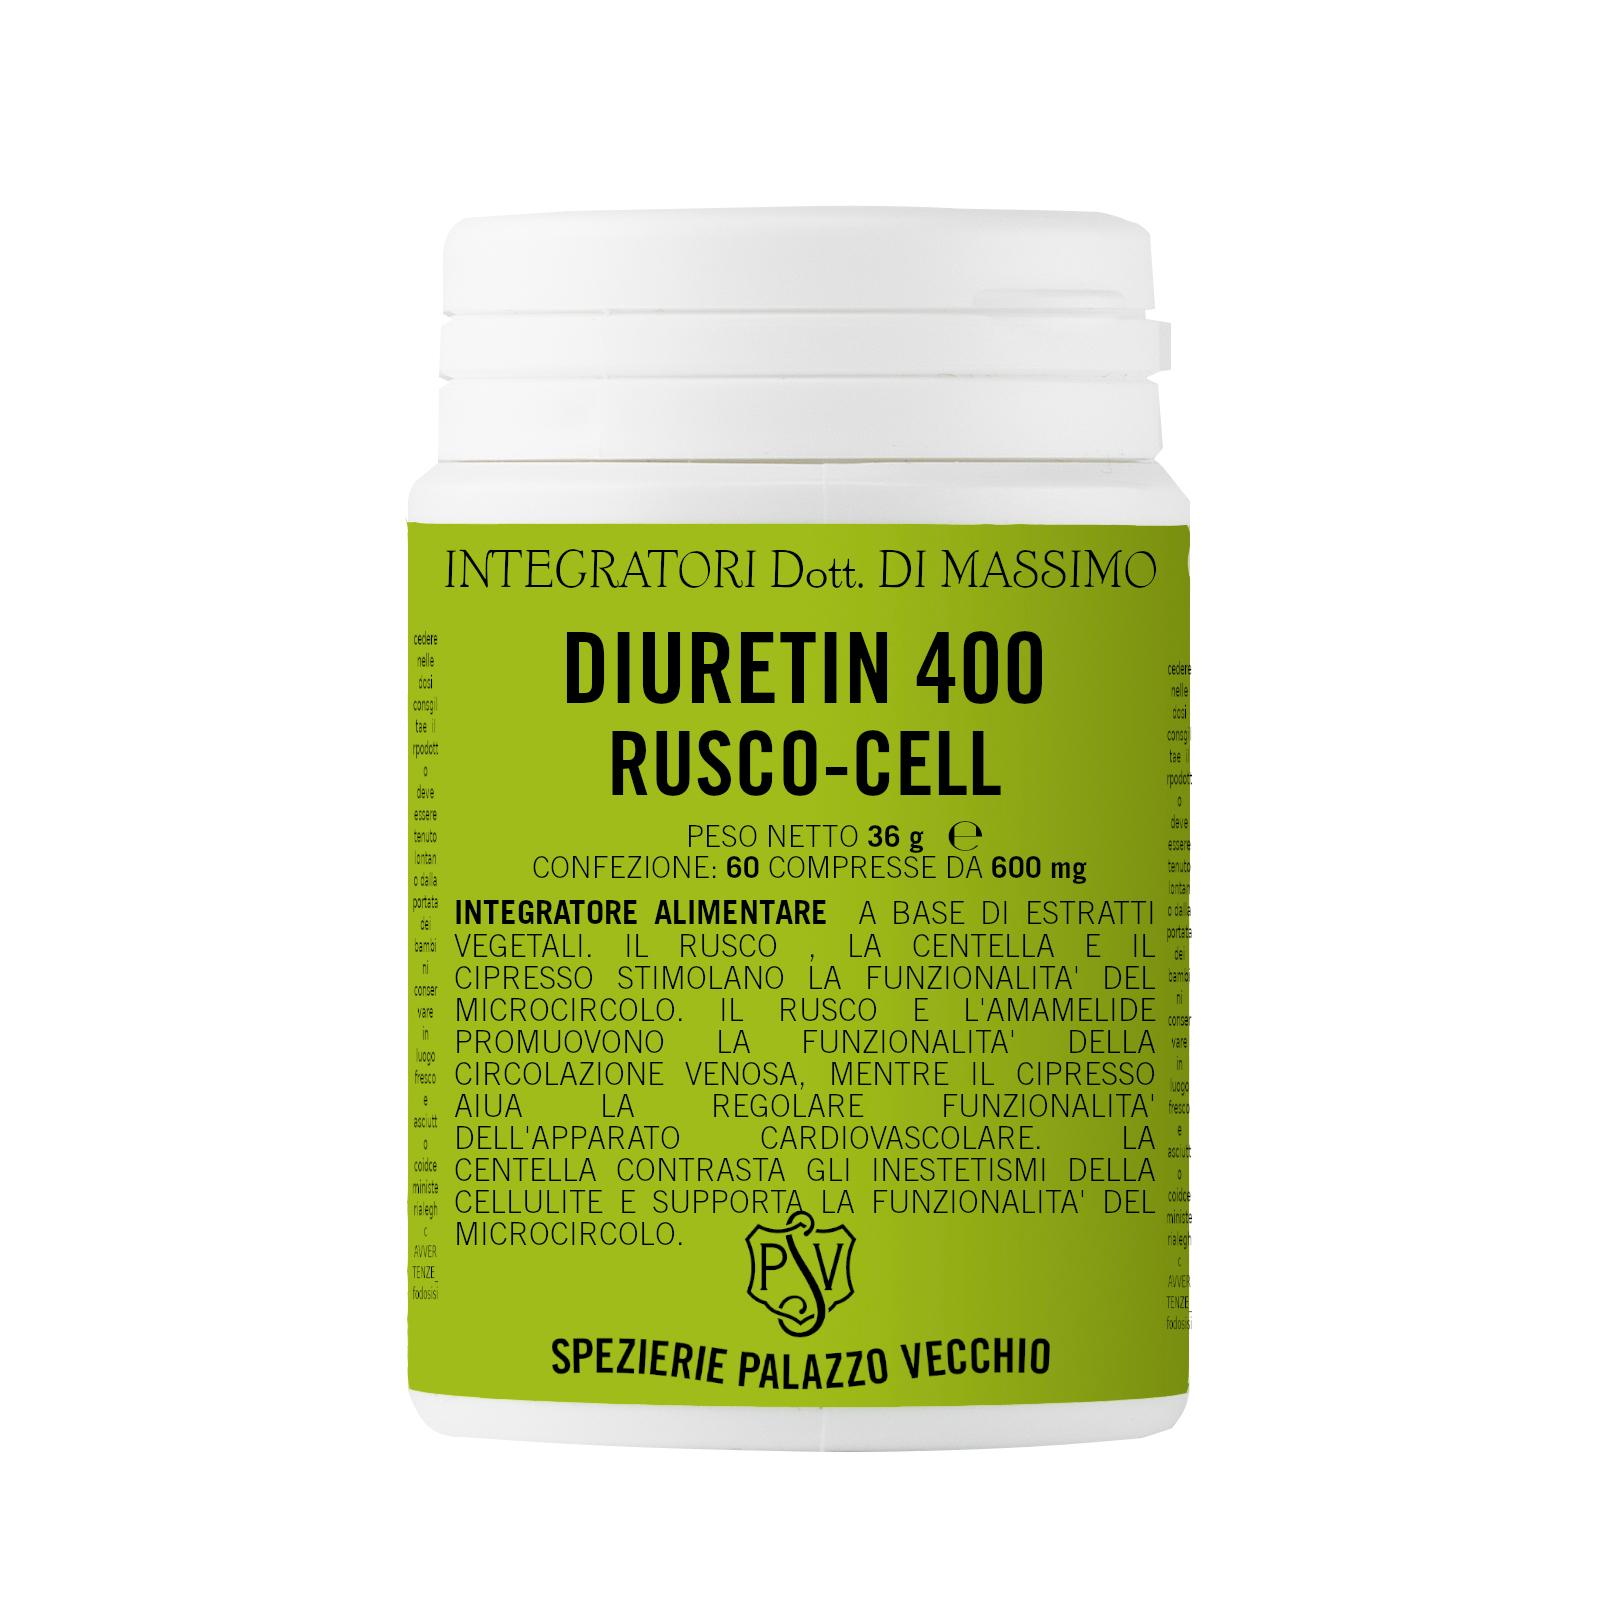 DIURETIN 400 RUSCO-CELL-0